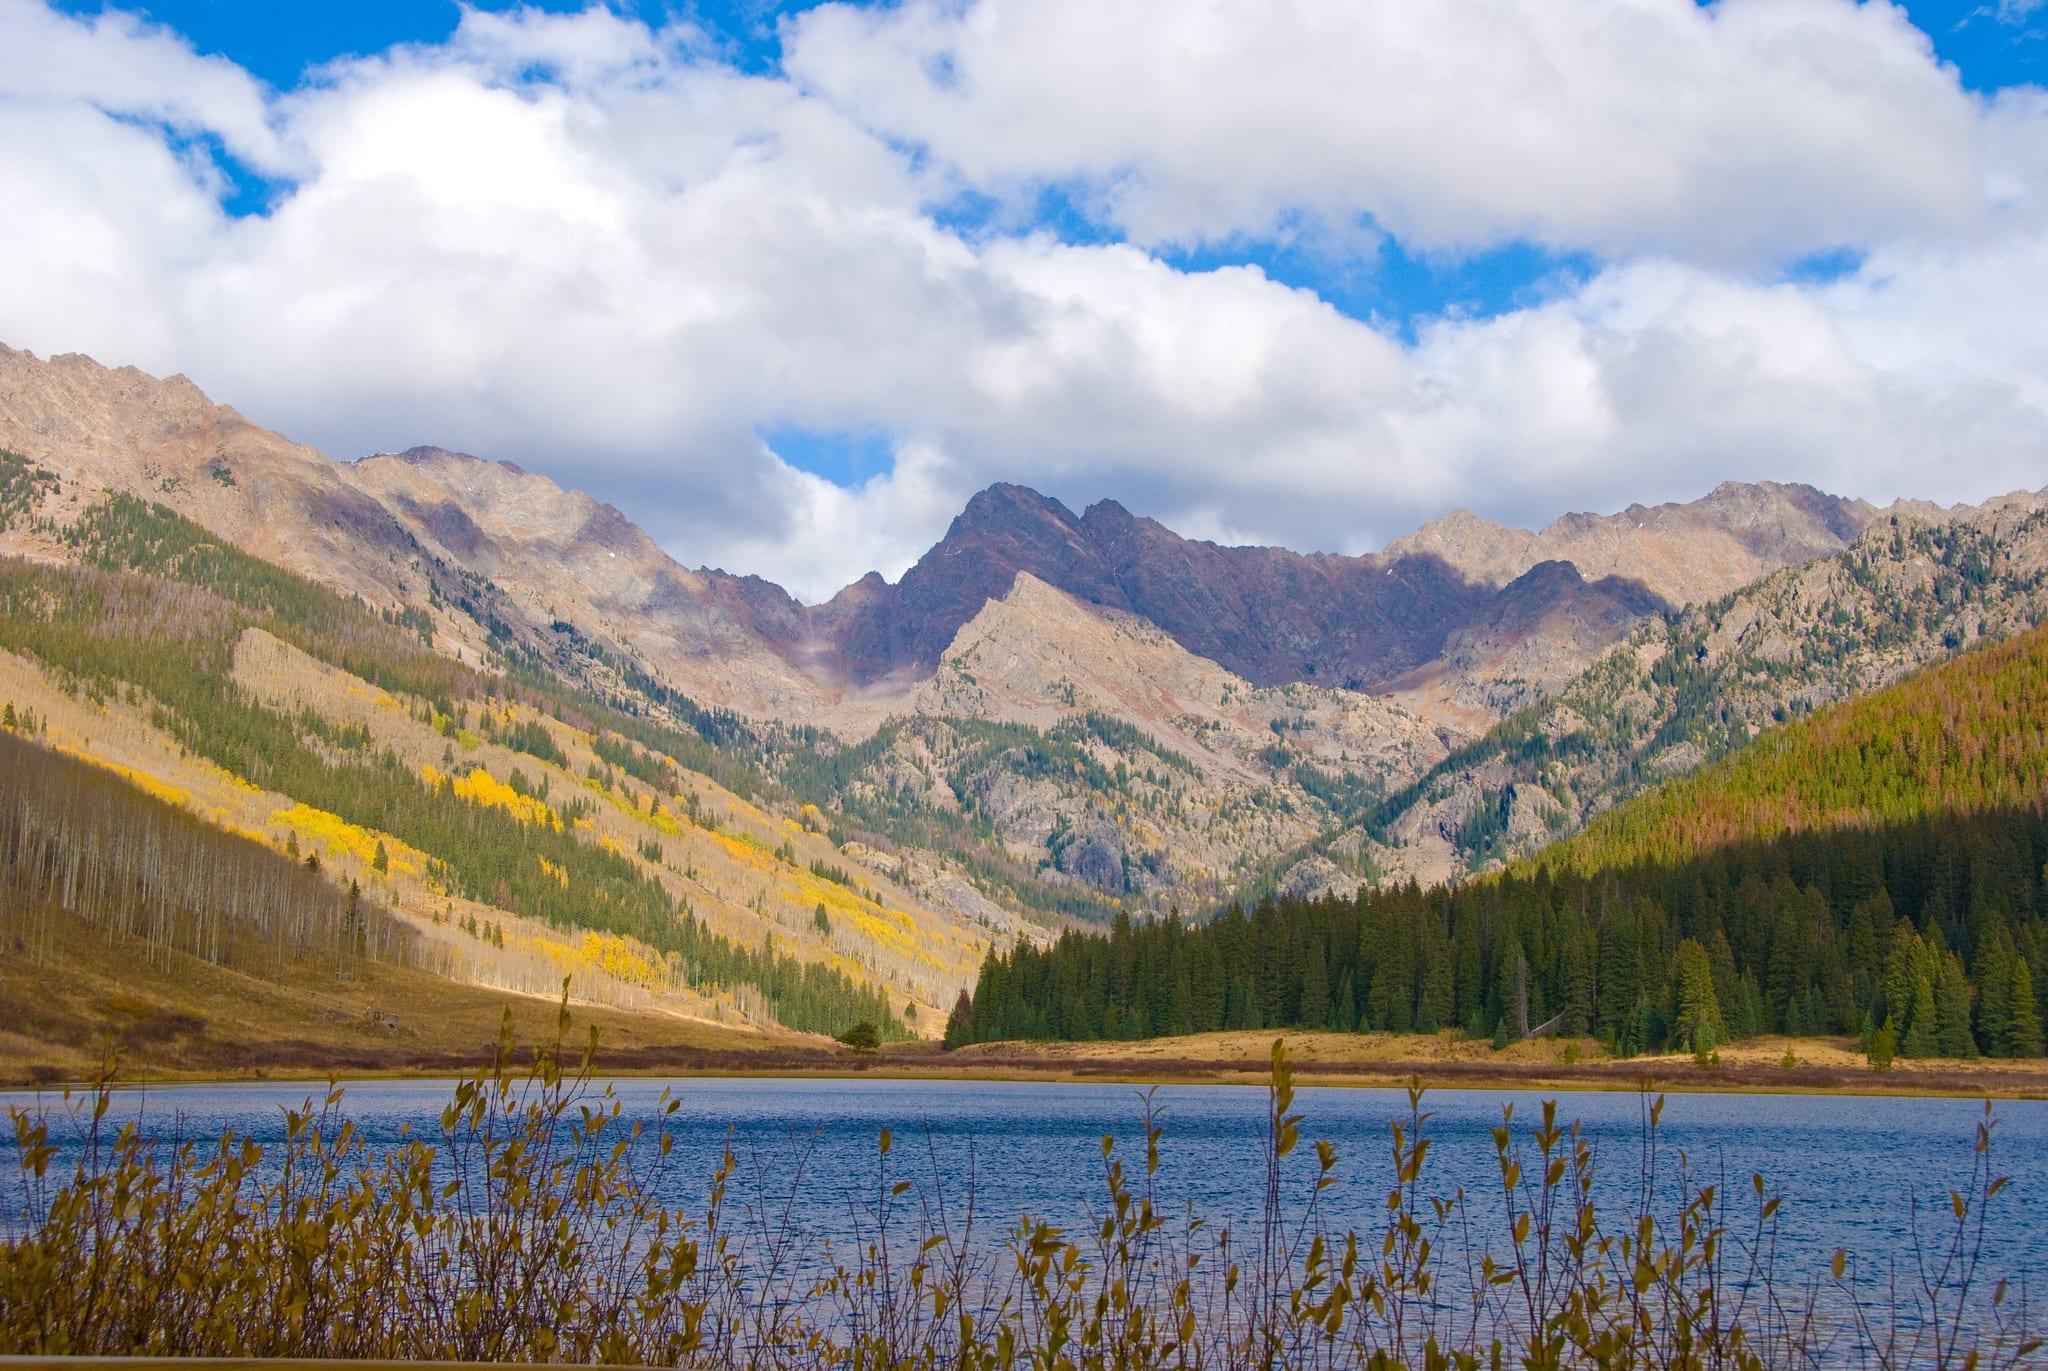 image of piney lake vail colorado